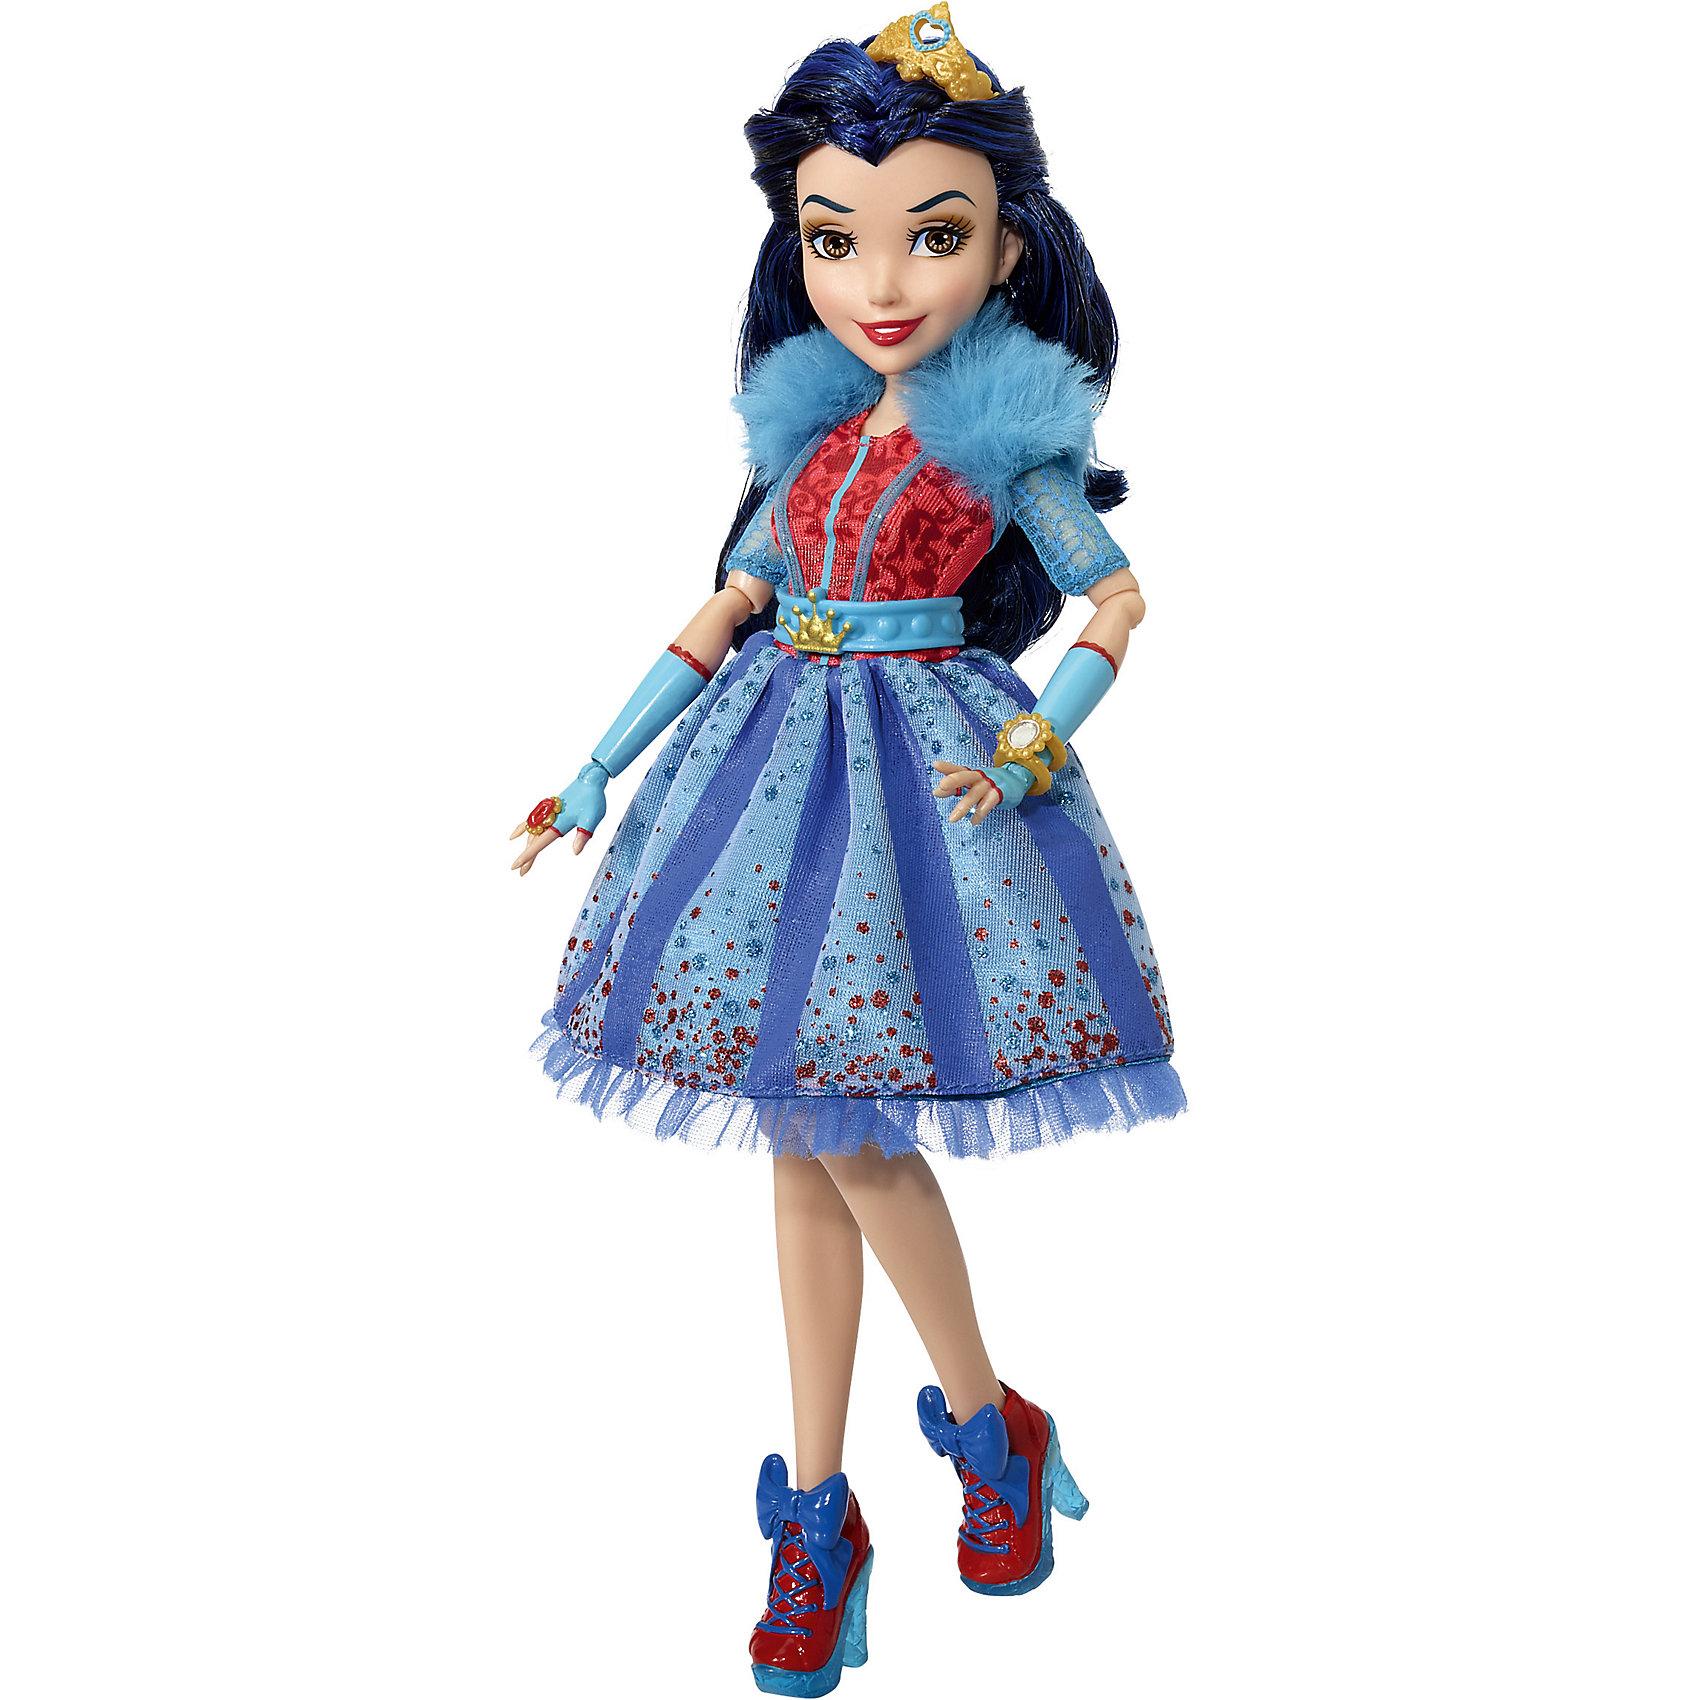 Кукла Наследники Дисней Иви, Неоновые огниБренды кукол<br>Характеристики товара:<br><br>• возраст: от 6 лет;<br>• материал: пластик, текстиль;<br>• в комплекте: кукла, наряд, аксессуары;<br>• тип батареек: 3 батарейки А76;<br>• наличие батареек: в комплекте;<br>• высота куклы: 28 см;<br>• размер упаковки: 33х25х6 см;<br>• вес упаковки: 400 гр.;<br>• страна производитель: Китай.<br><br>Кукла «Наследники Дисней. Неоновые огни» Hasbro - героиня известного мультфильма про наследников главных злодеев Дисней. Иви — дочка Злой Королевы, она любит колдовать и стильно одеваться.<br><br>На кукле одето яркое платье с неоновыми вставками, которые светятся в темноте. Такие аксессуары, как корона, браслет и кольцо дополняют модный образ Иви.<br><br>Куклу «Наследники Дисней. Неоновые огни» Hasbro можно приобрести в нашем интернет-магазине.<br><br>Ширина мм: 261<br>Глубина мм: 261<br>Высота мм: 342<br>Вес г: 393<br>Возраст от месяцев: 36<br>Возраст до месяцев: 120<br>Пол: Женский<br>Возраст: Детский<br>SKU: 5478313